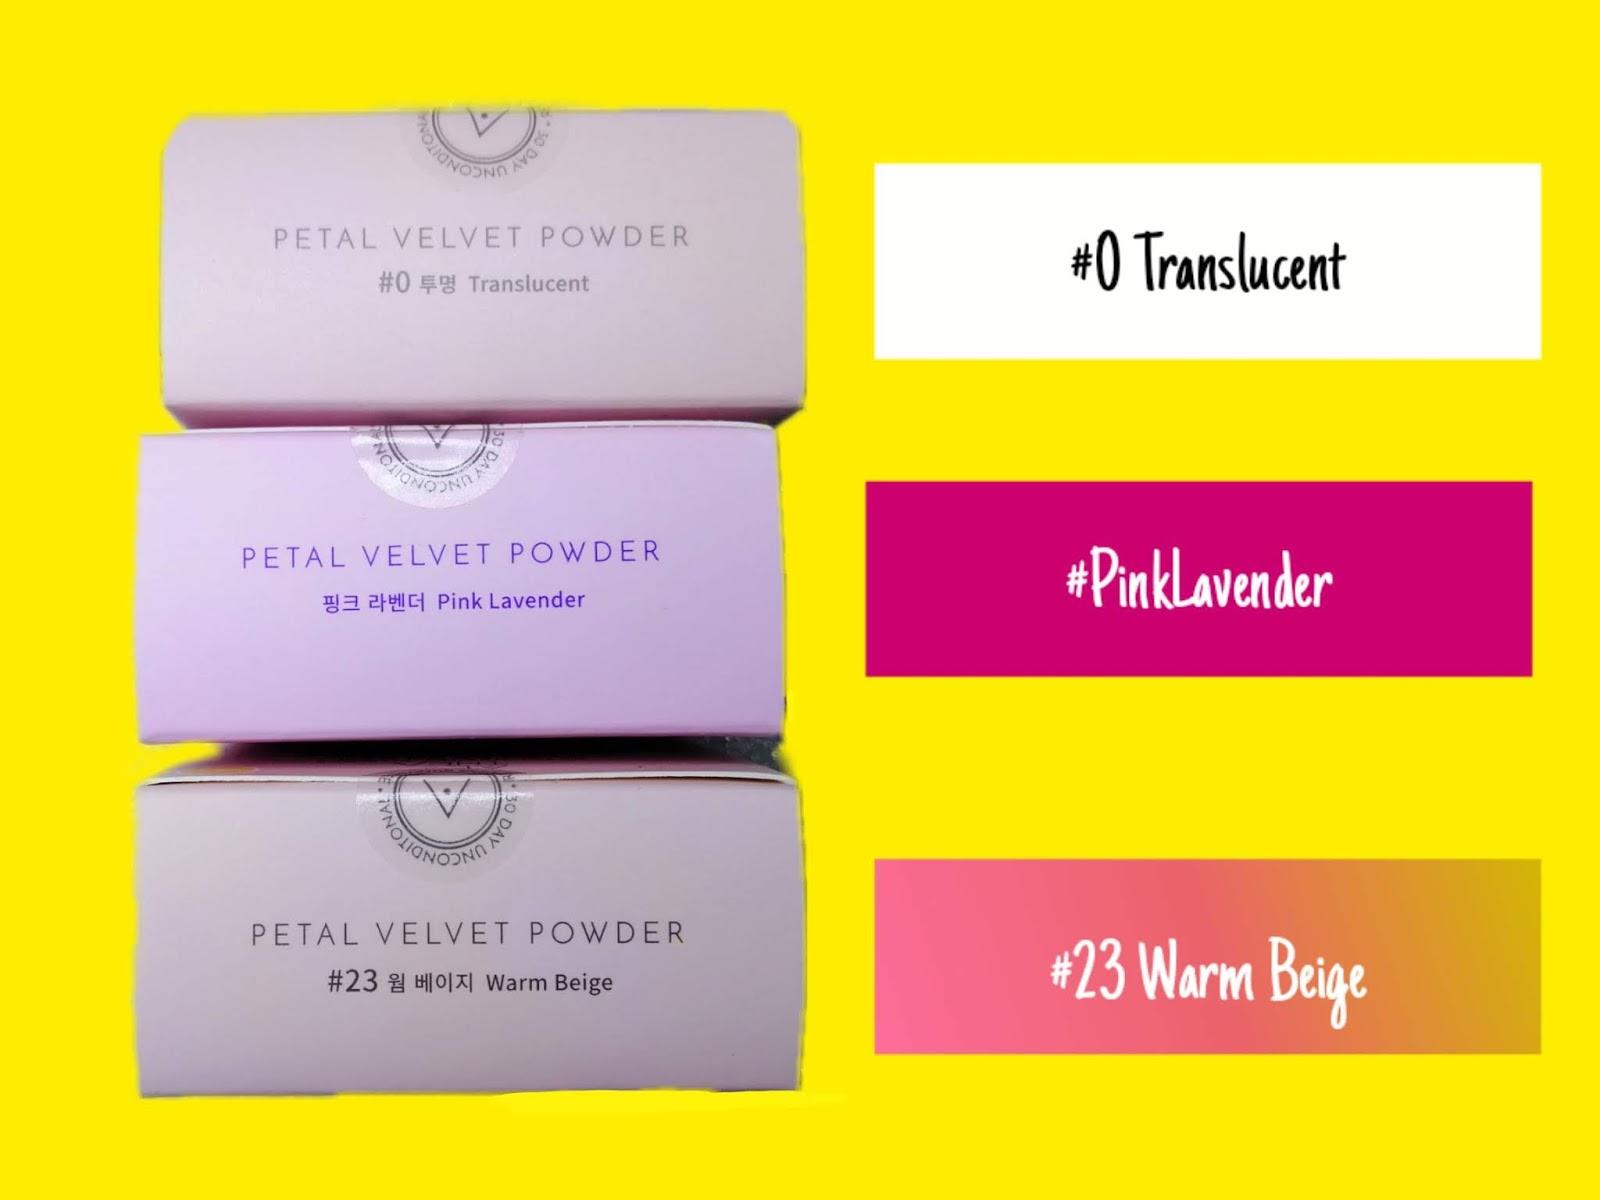 Petal Velvet Powder